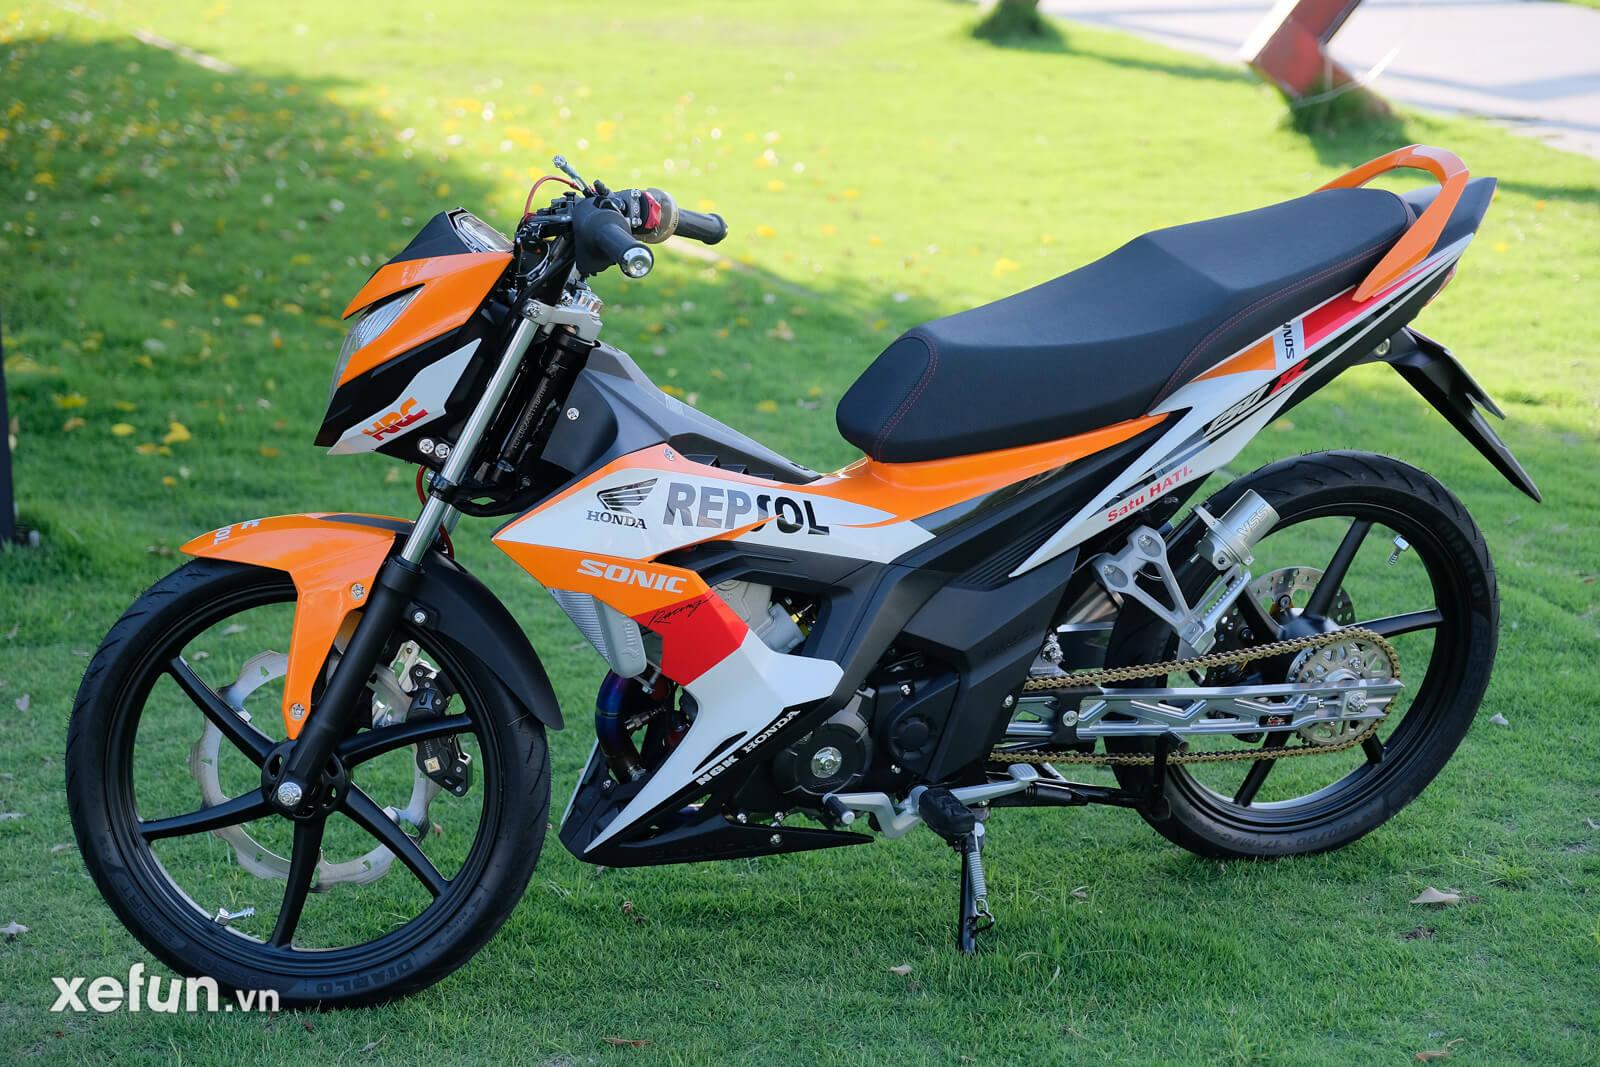 Honda sonic 150r độ trái 65 + 4 giá hơn 80 triệu đồng Xefun - 3546 r6